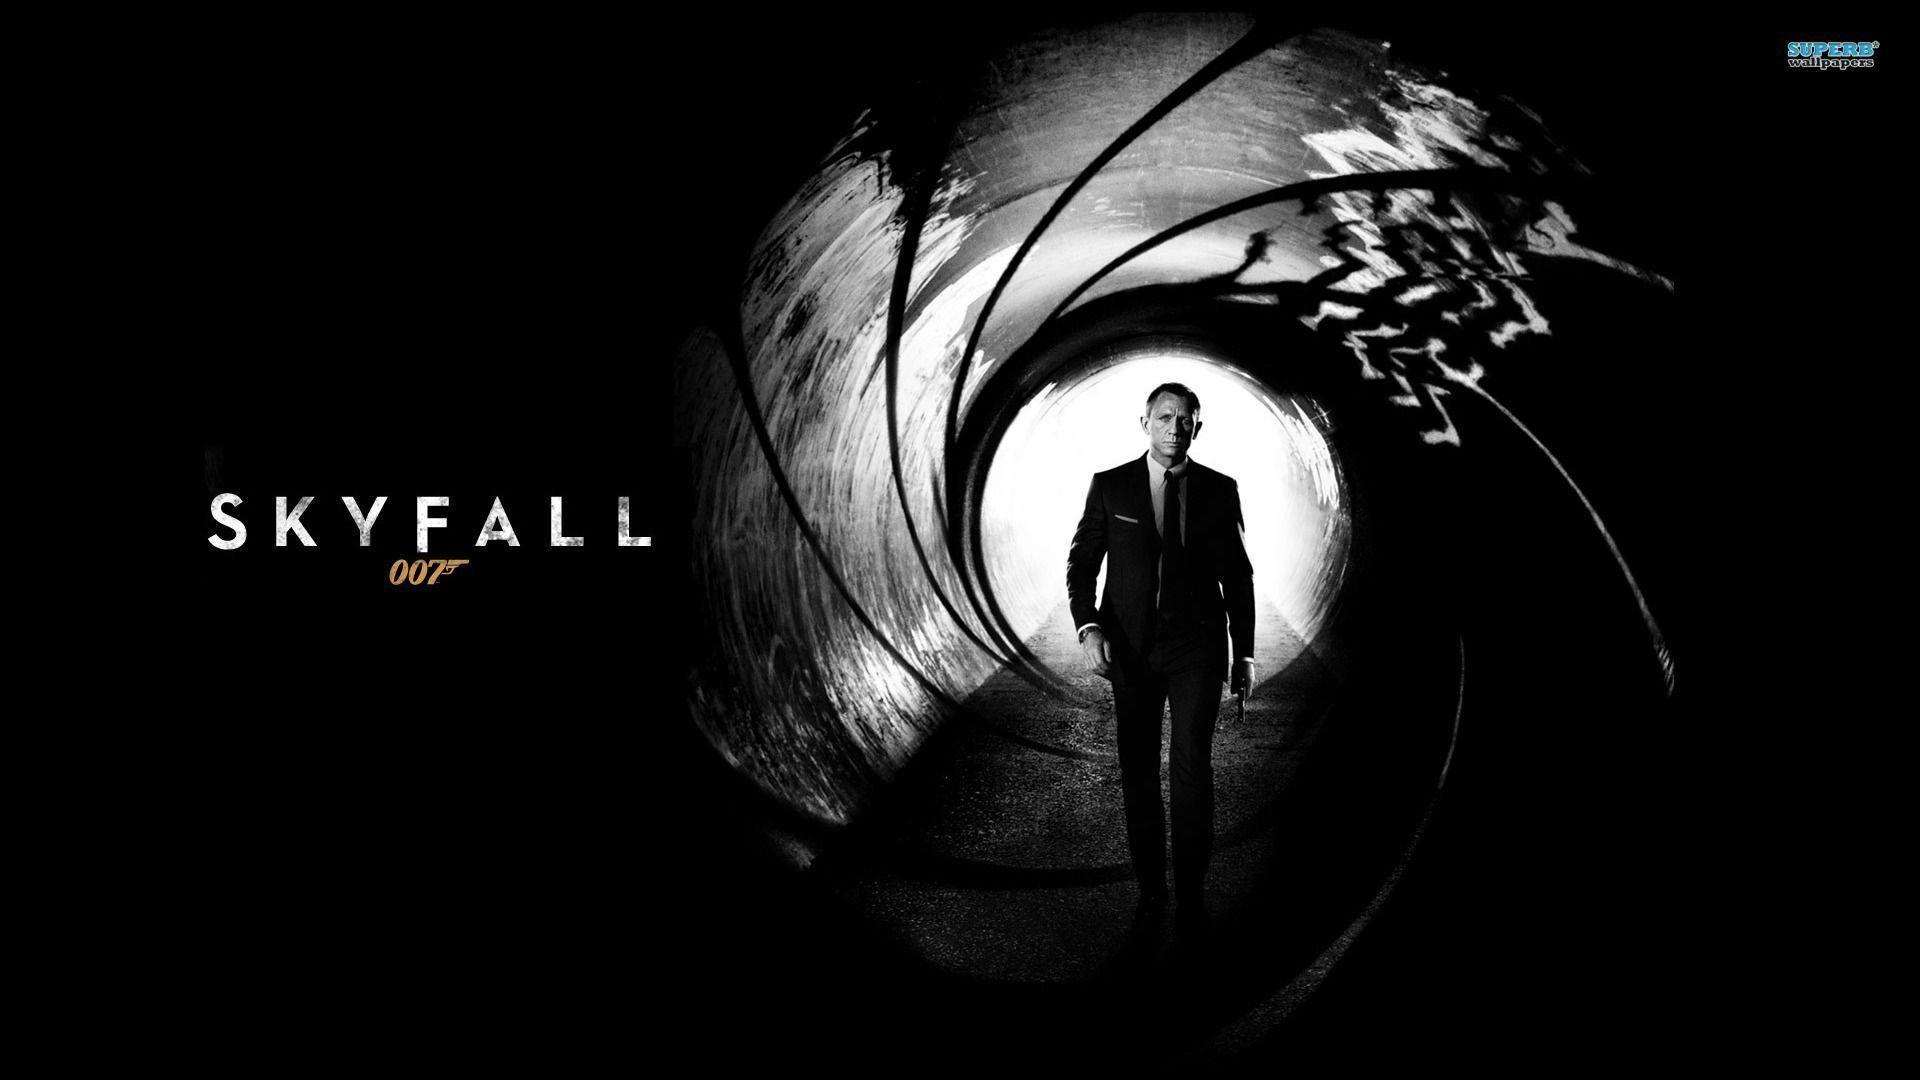 James Bond Gun Barrel Wallpaper (61+ Images